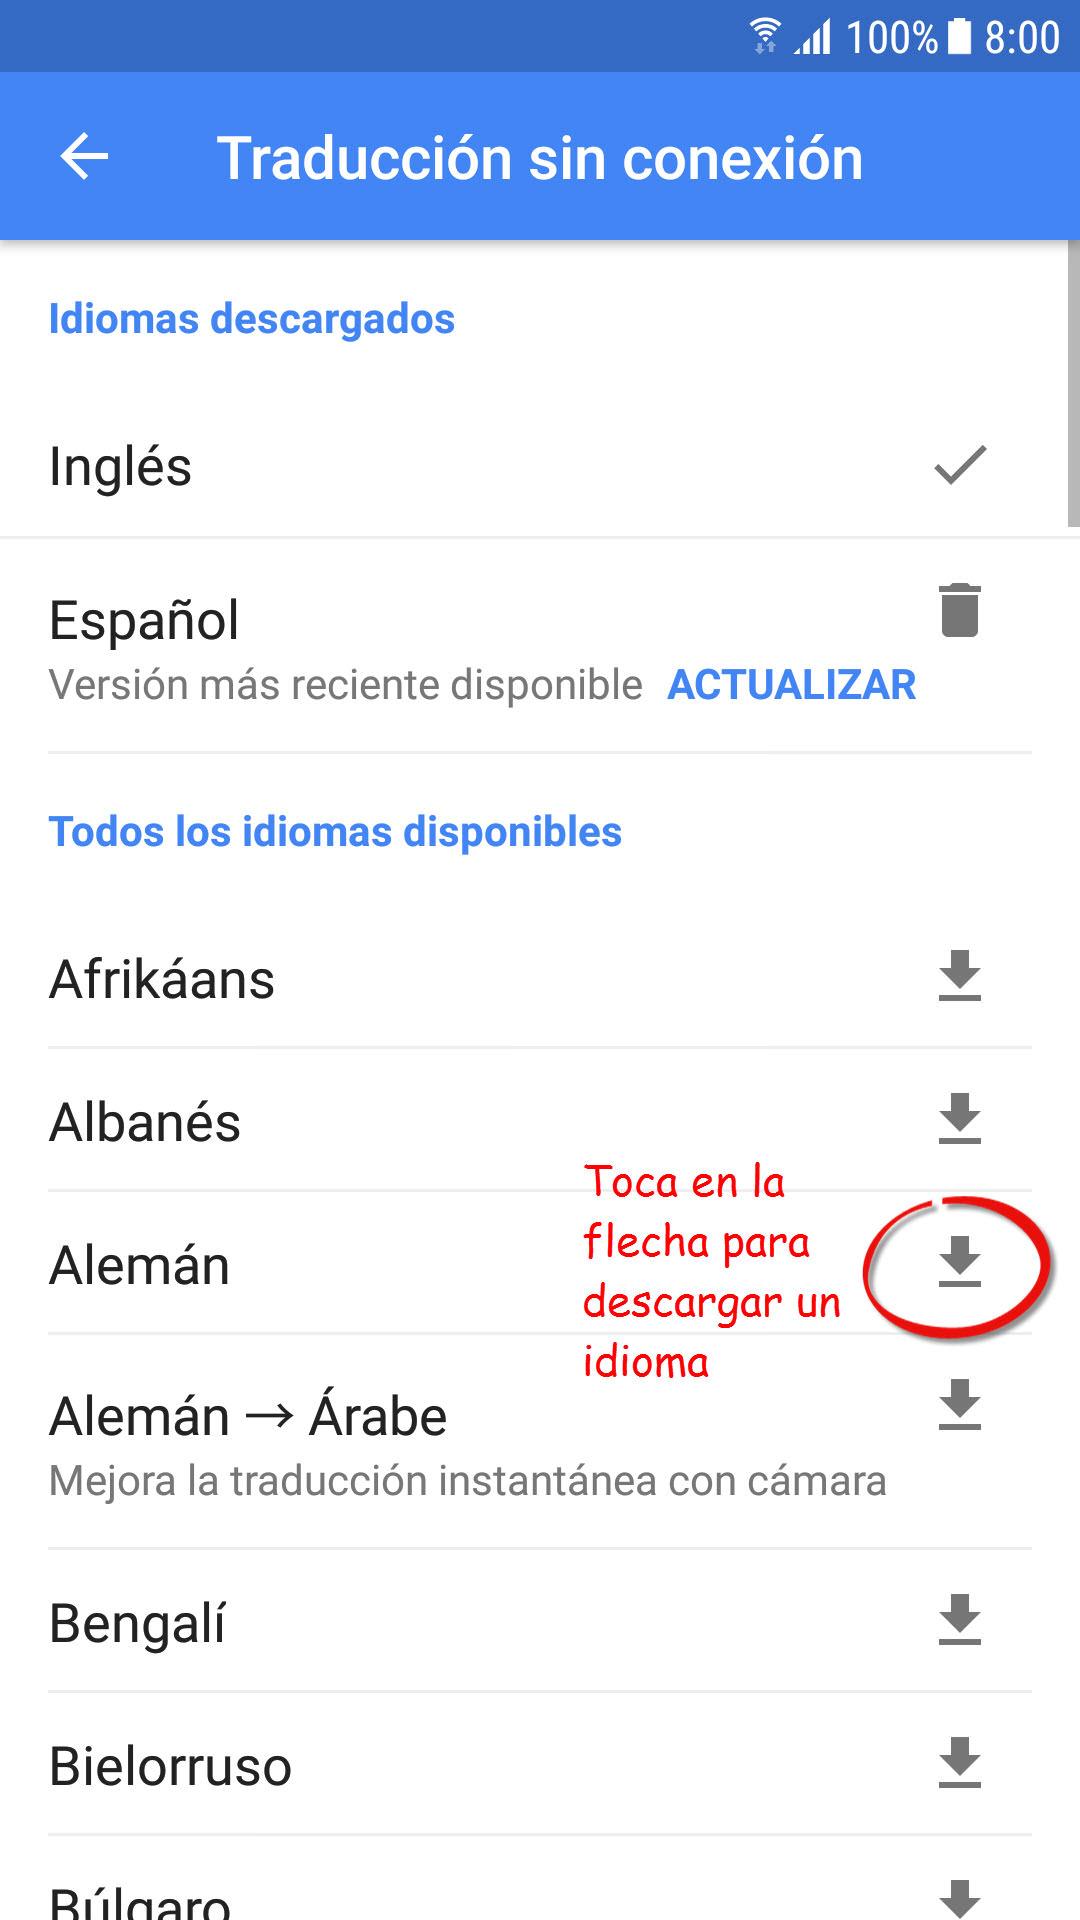 Flecha en ingles translate